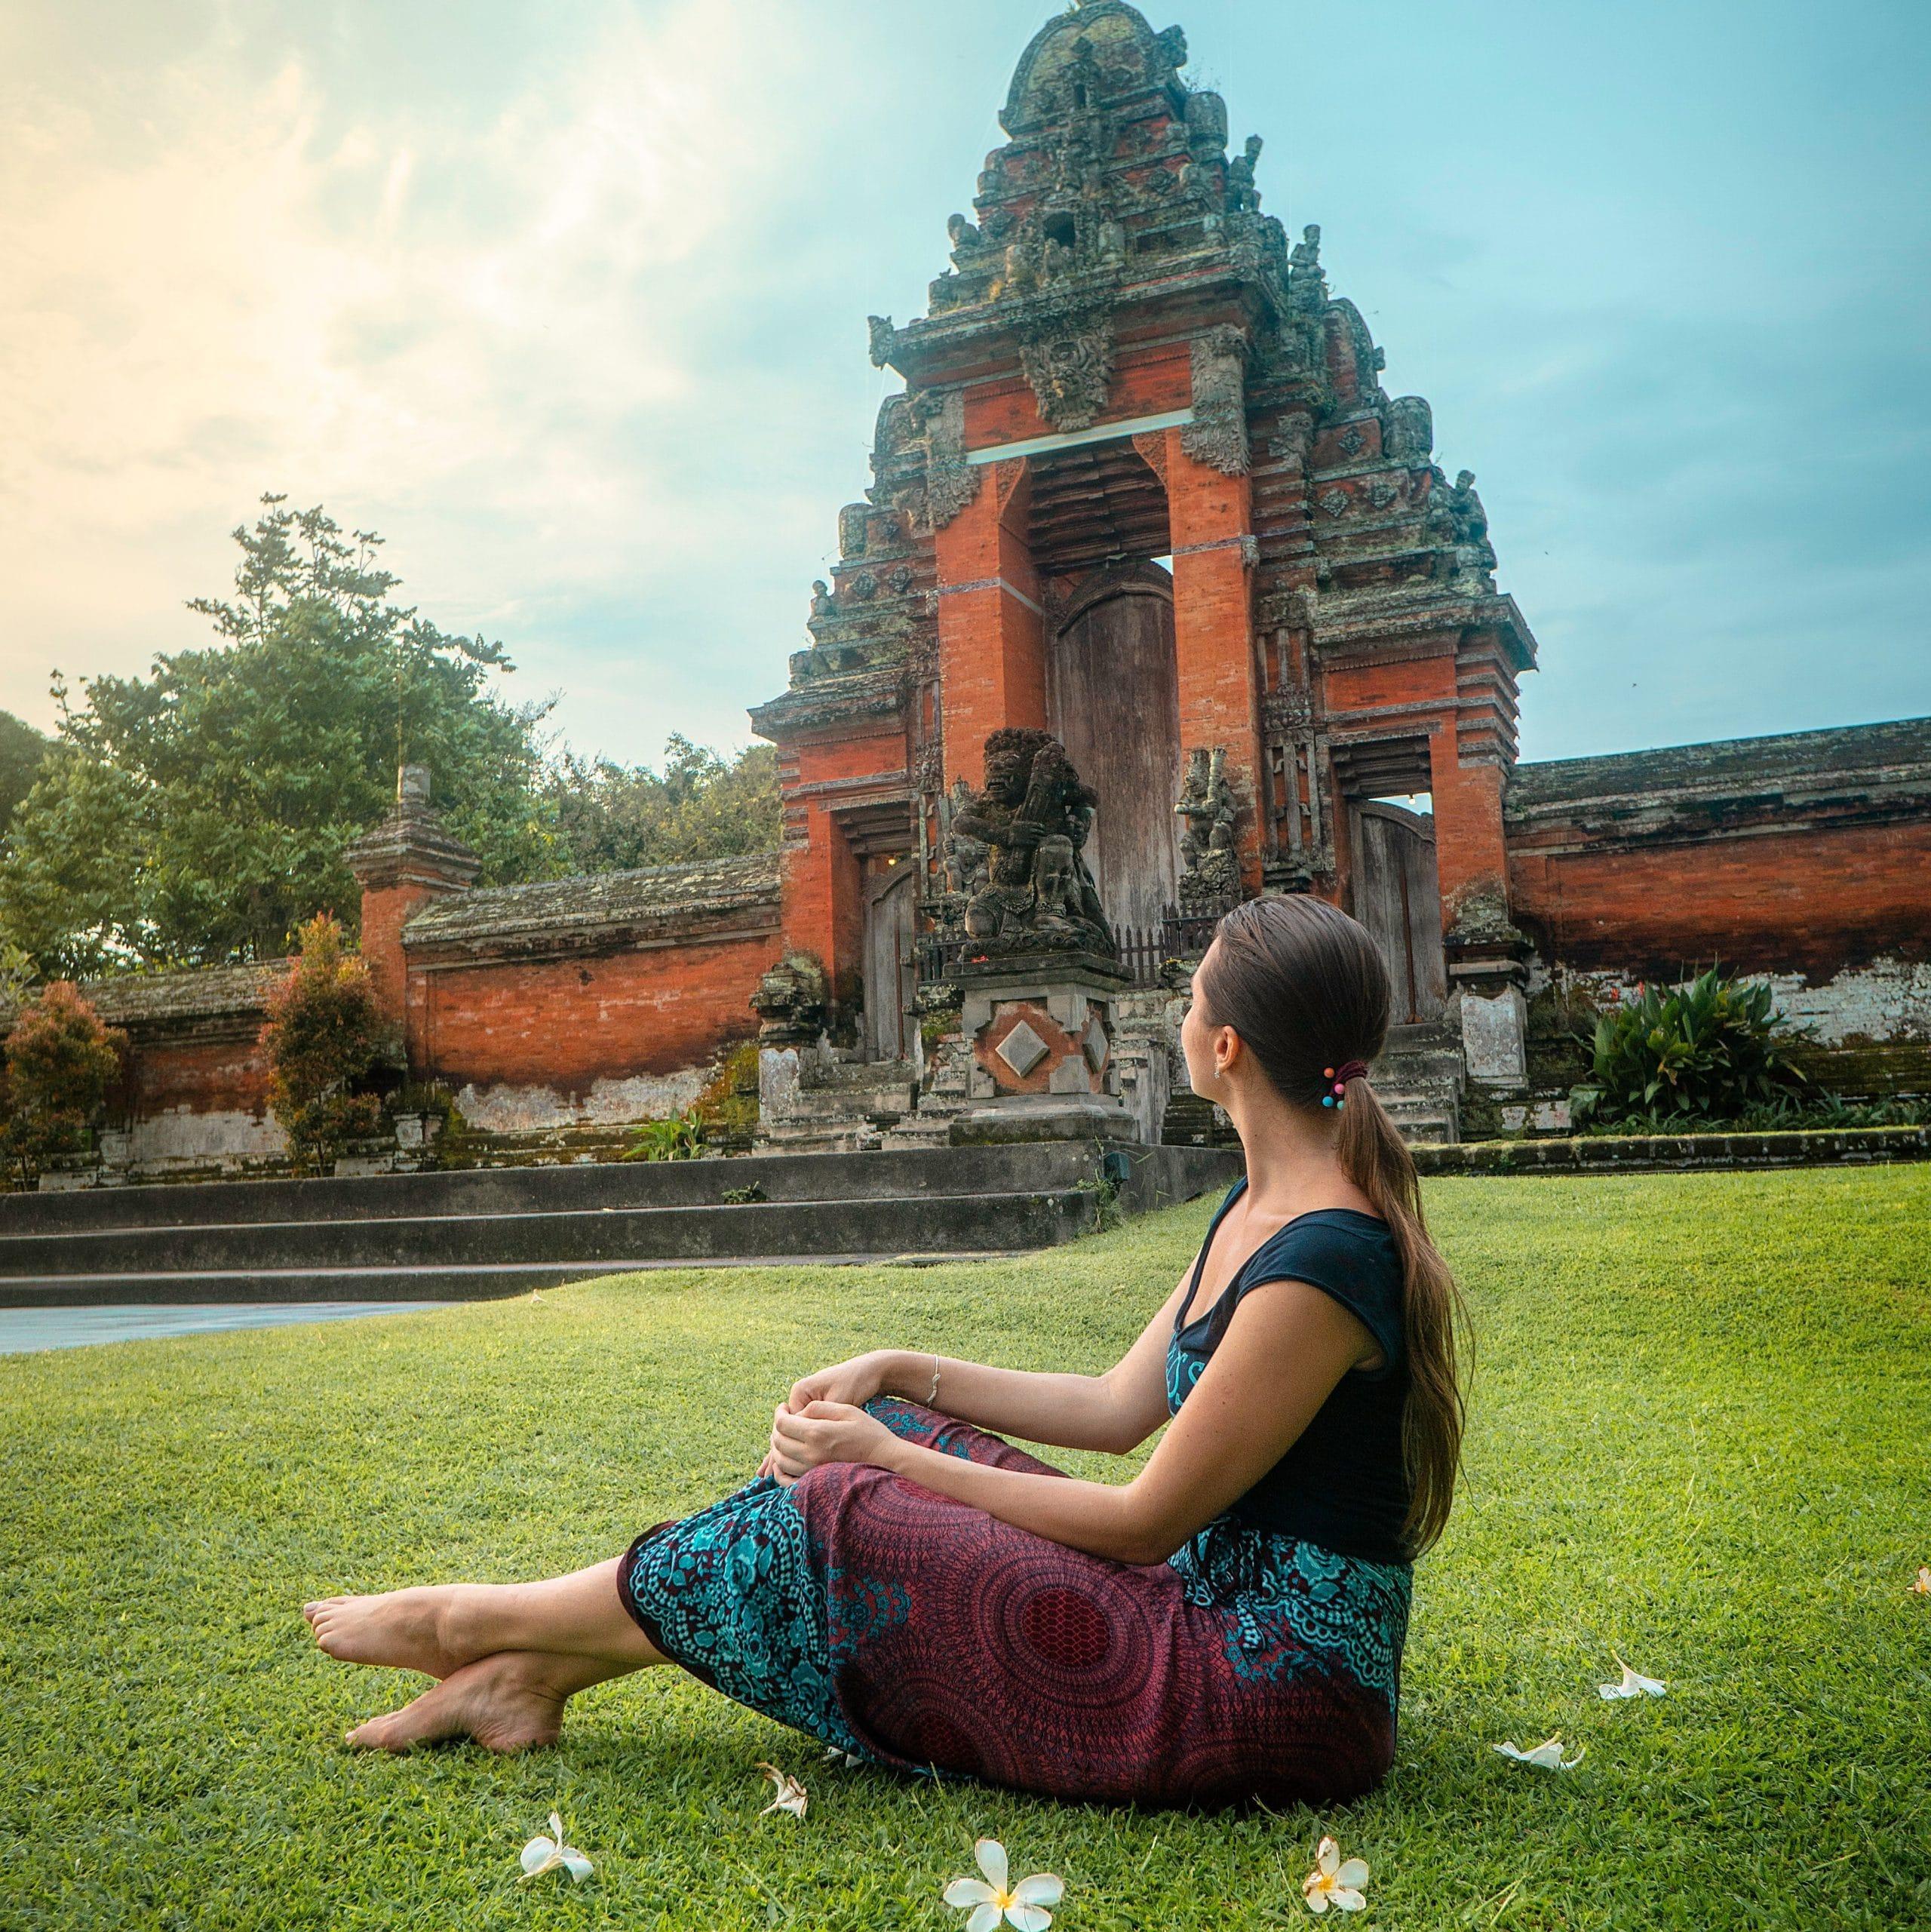 Mulher sentada em um gramado com flores ao seu redor observando um templo.